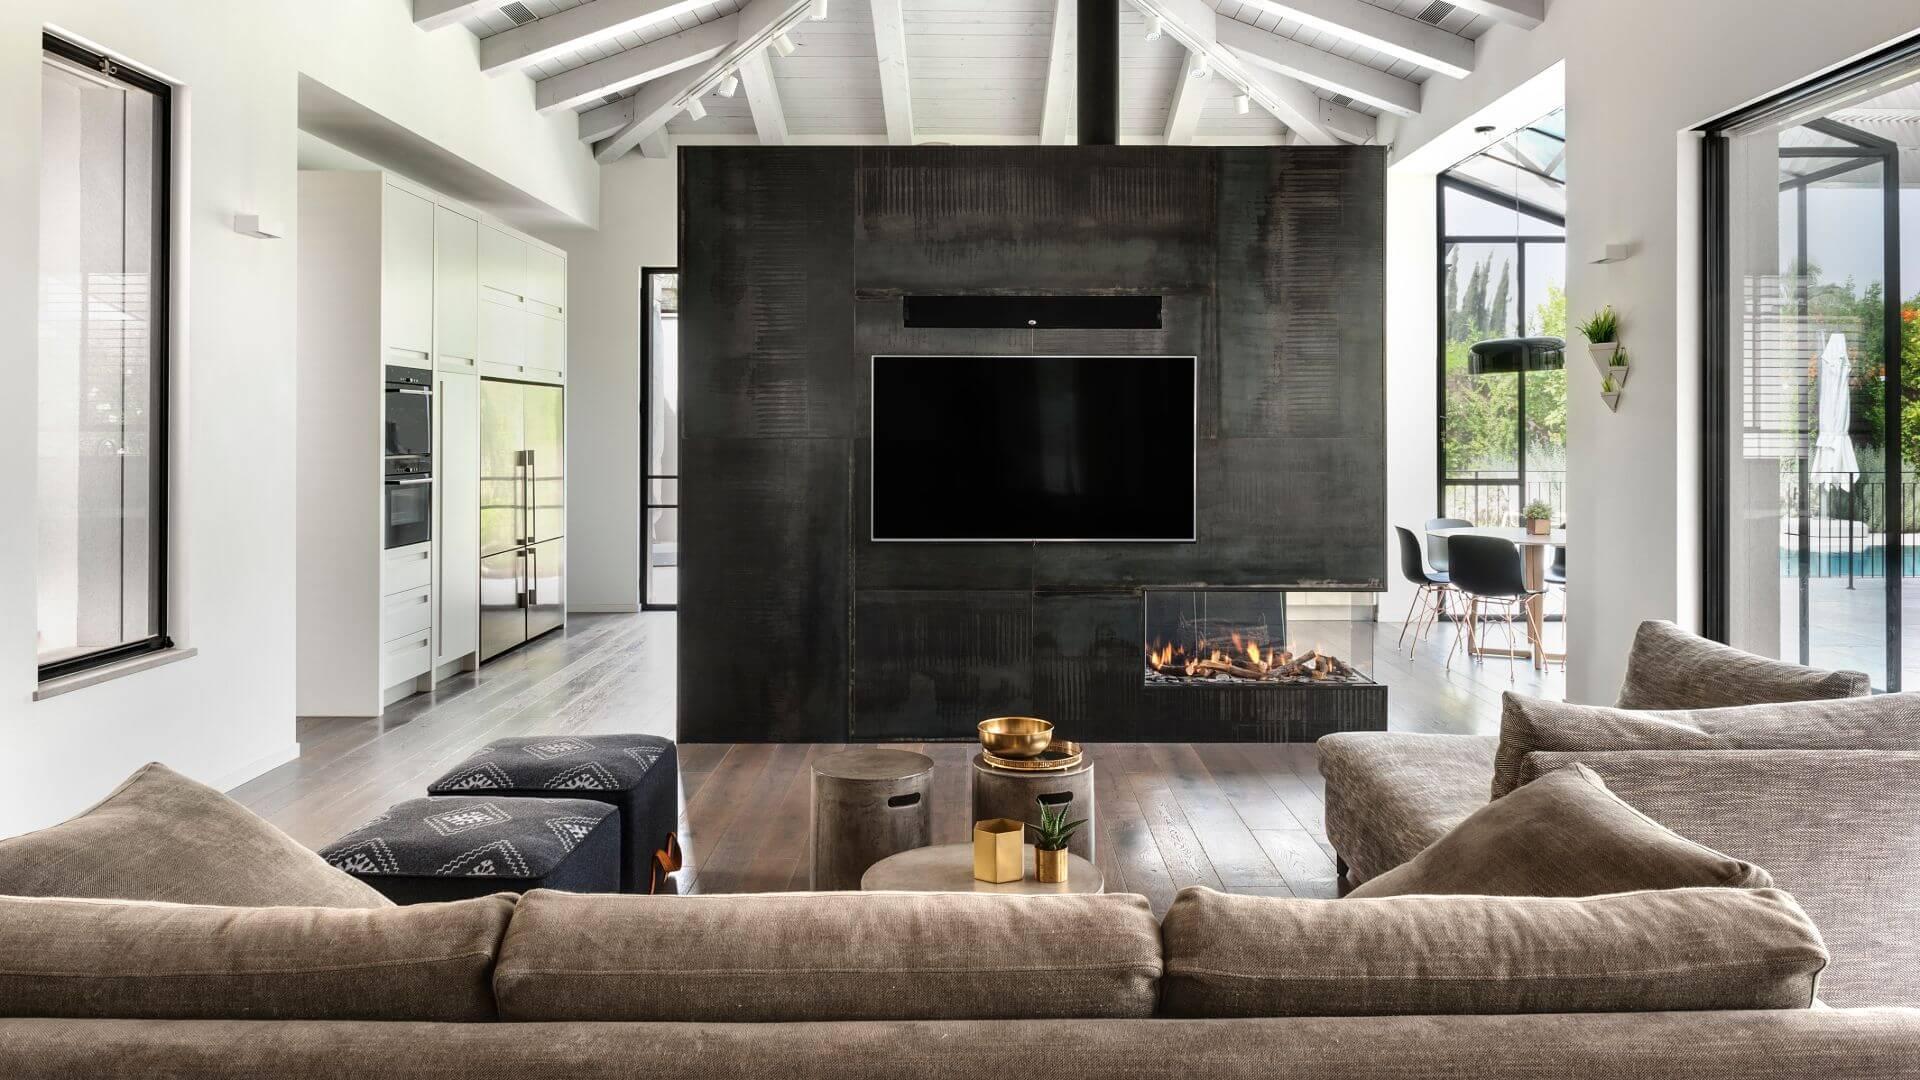 גם את יכולה להיות אדריכלית עיצוב פנים בביתך